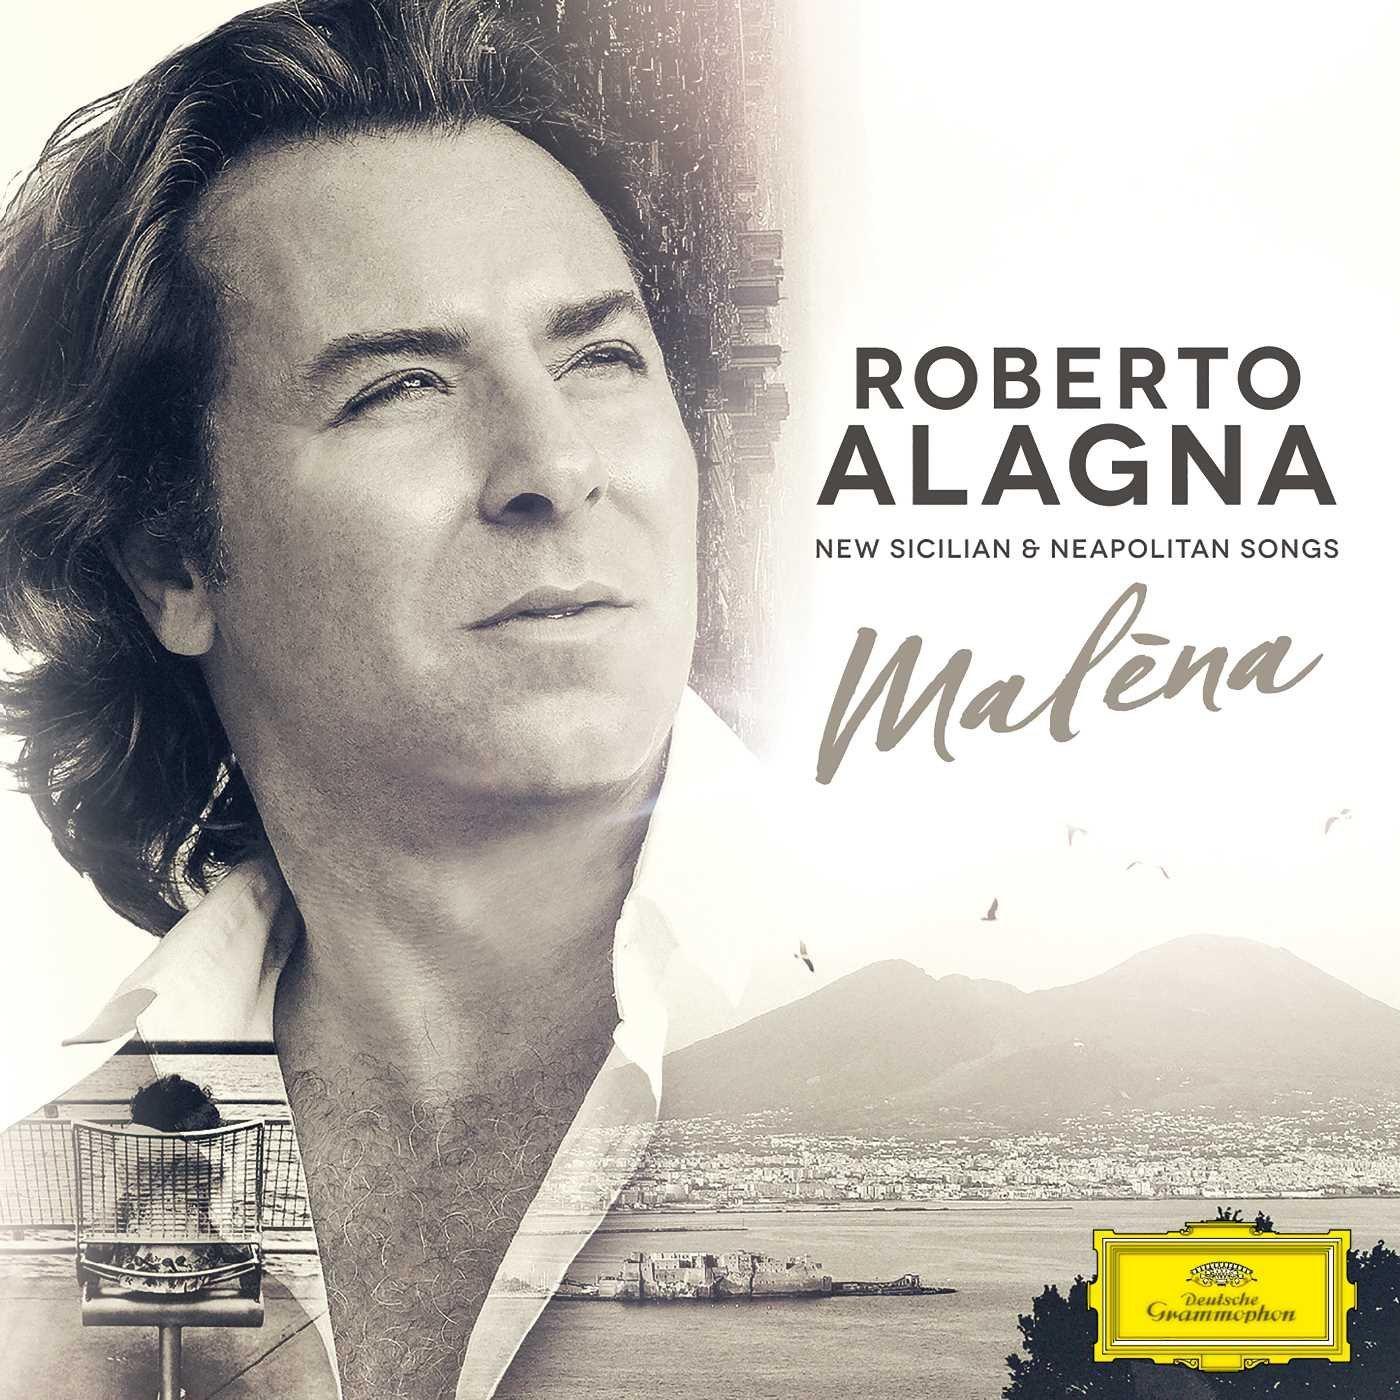 Malena, de Roberto Alagna